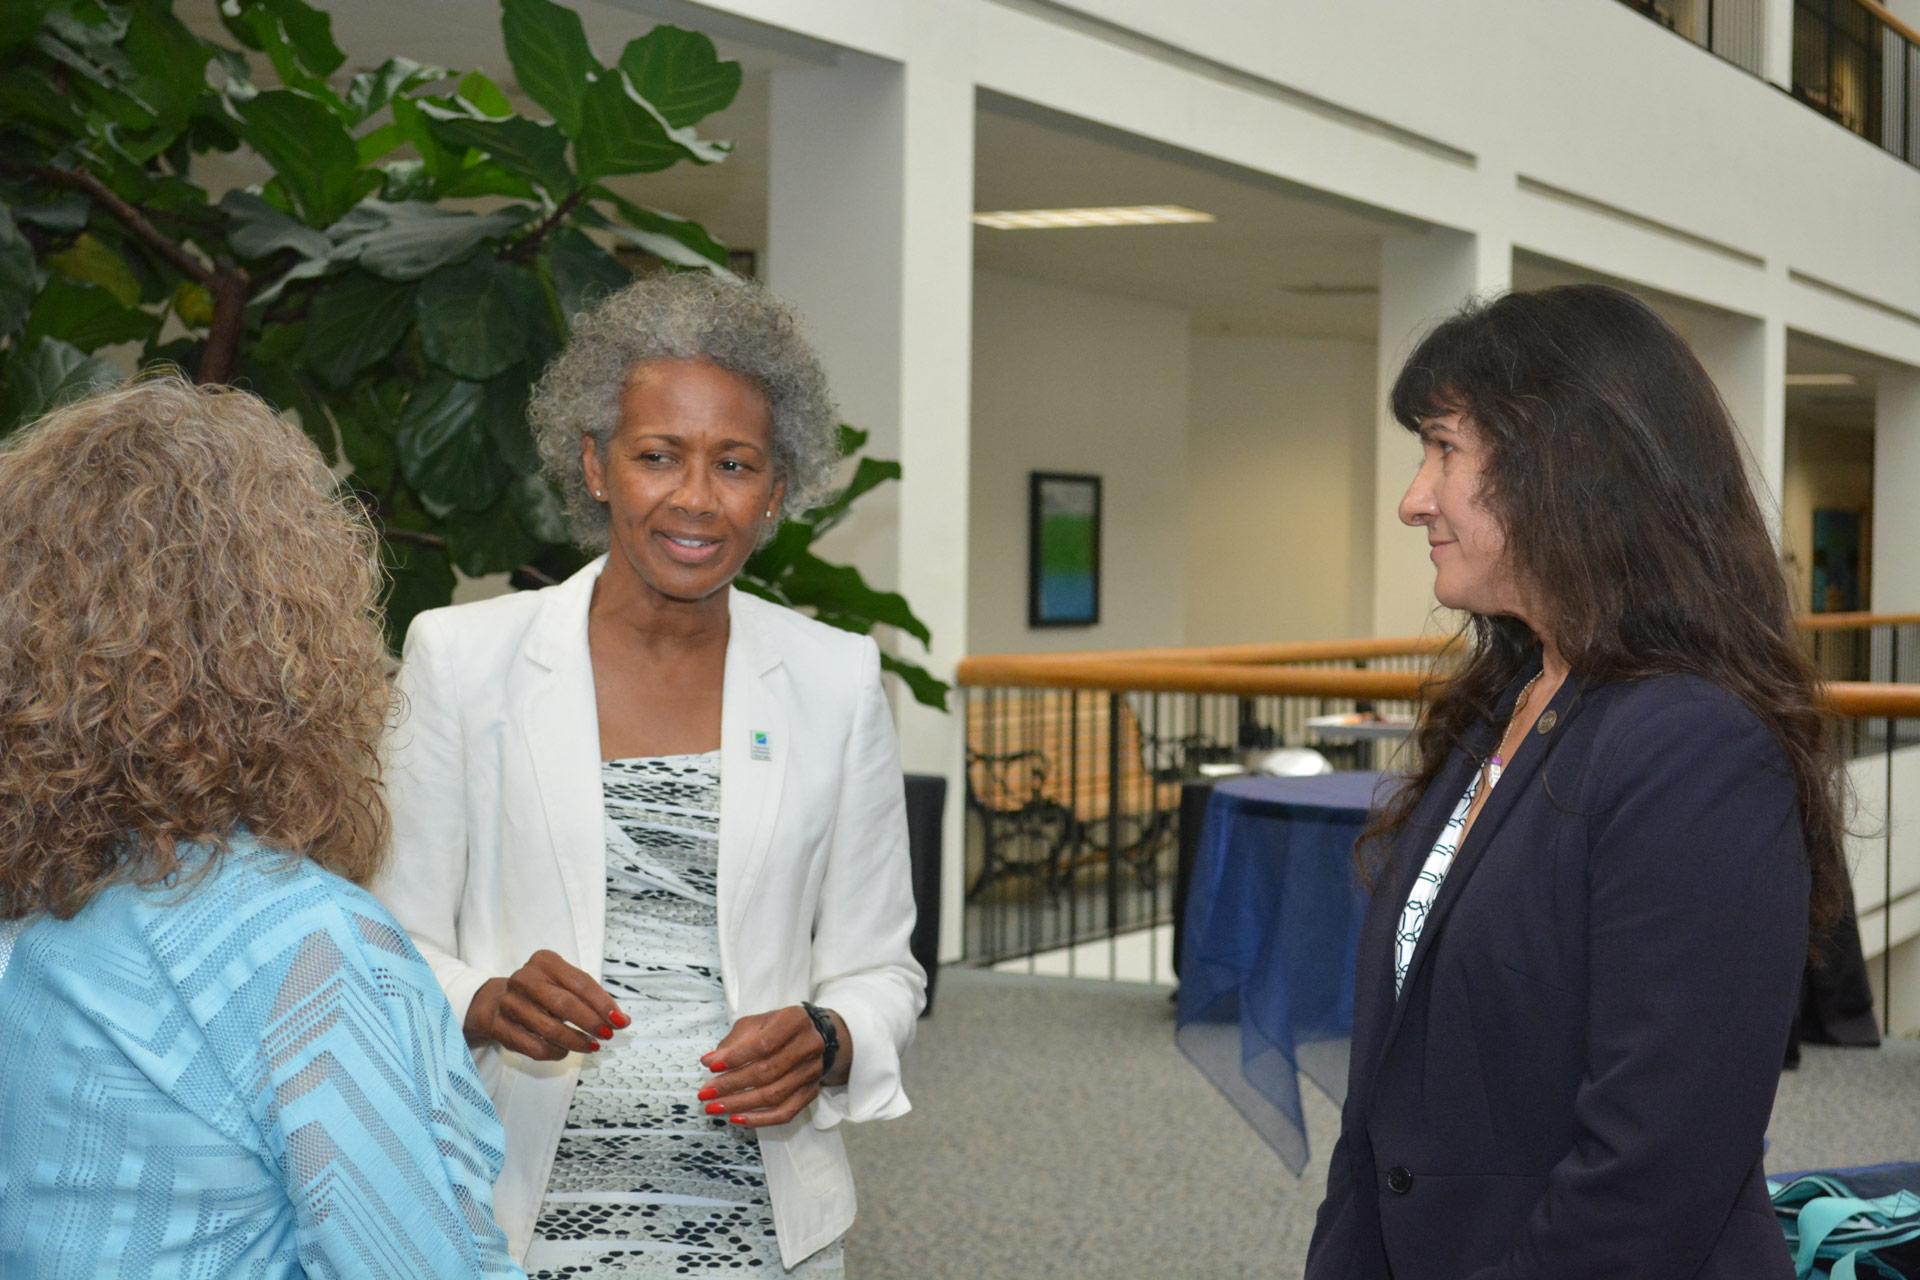 Alumni meet UHCL President Ira K. Blake